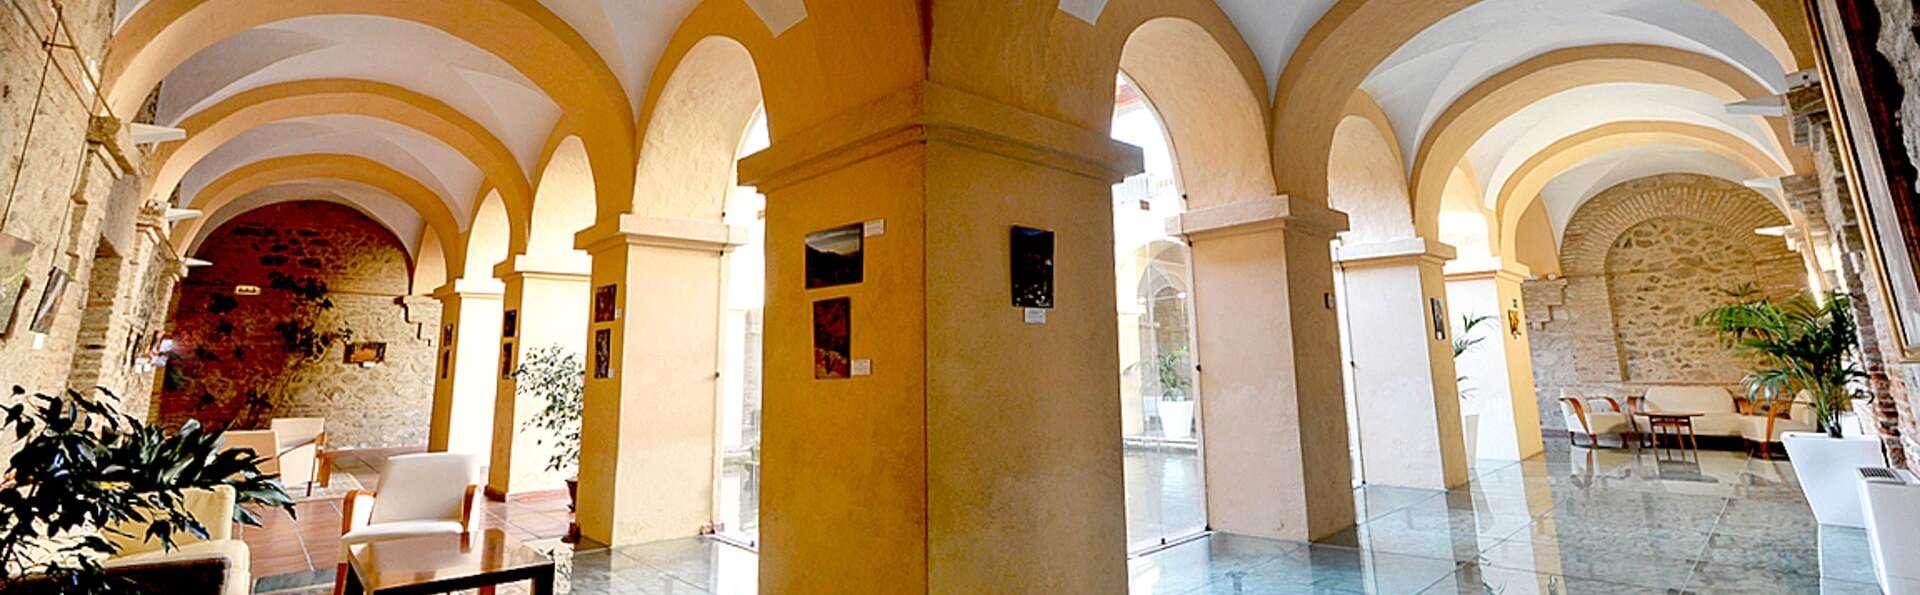 Hospedería Valle del Ambroz - EDIT_INTERIOR_01.jpg